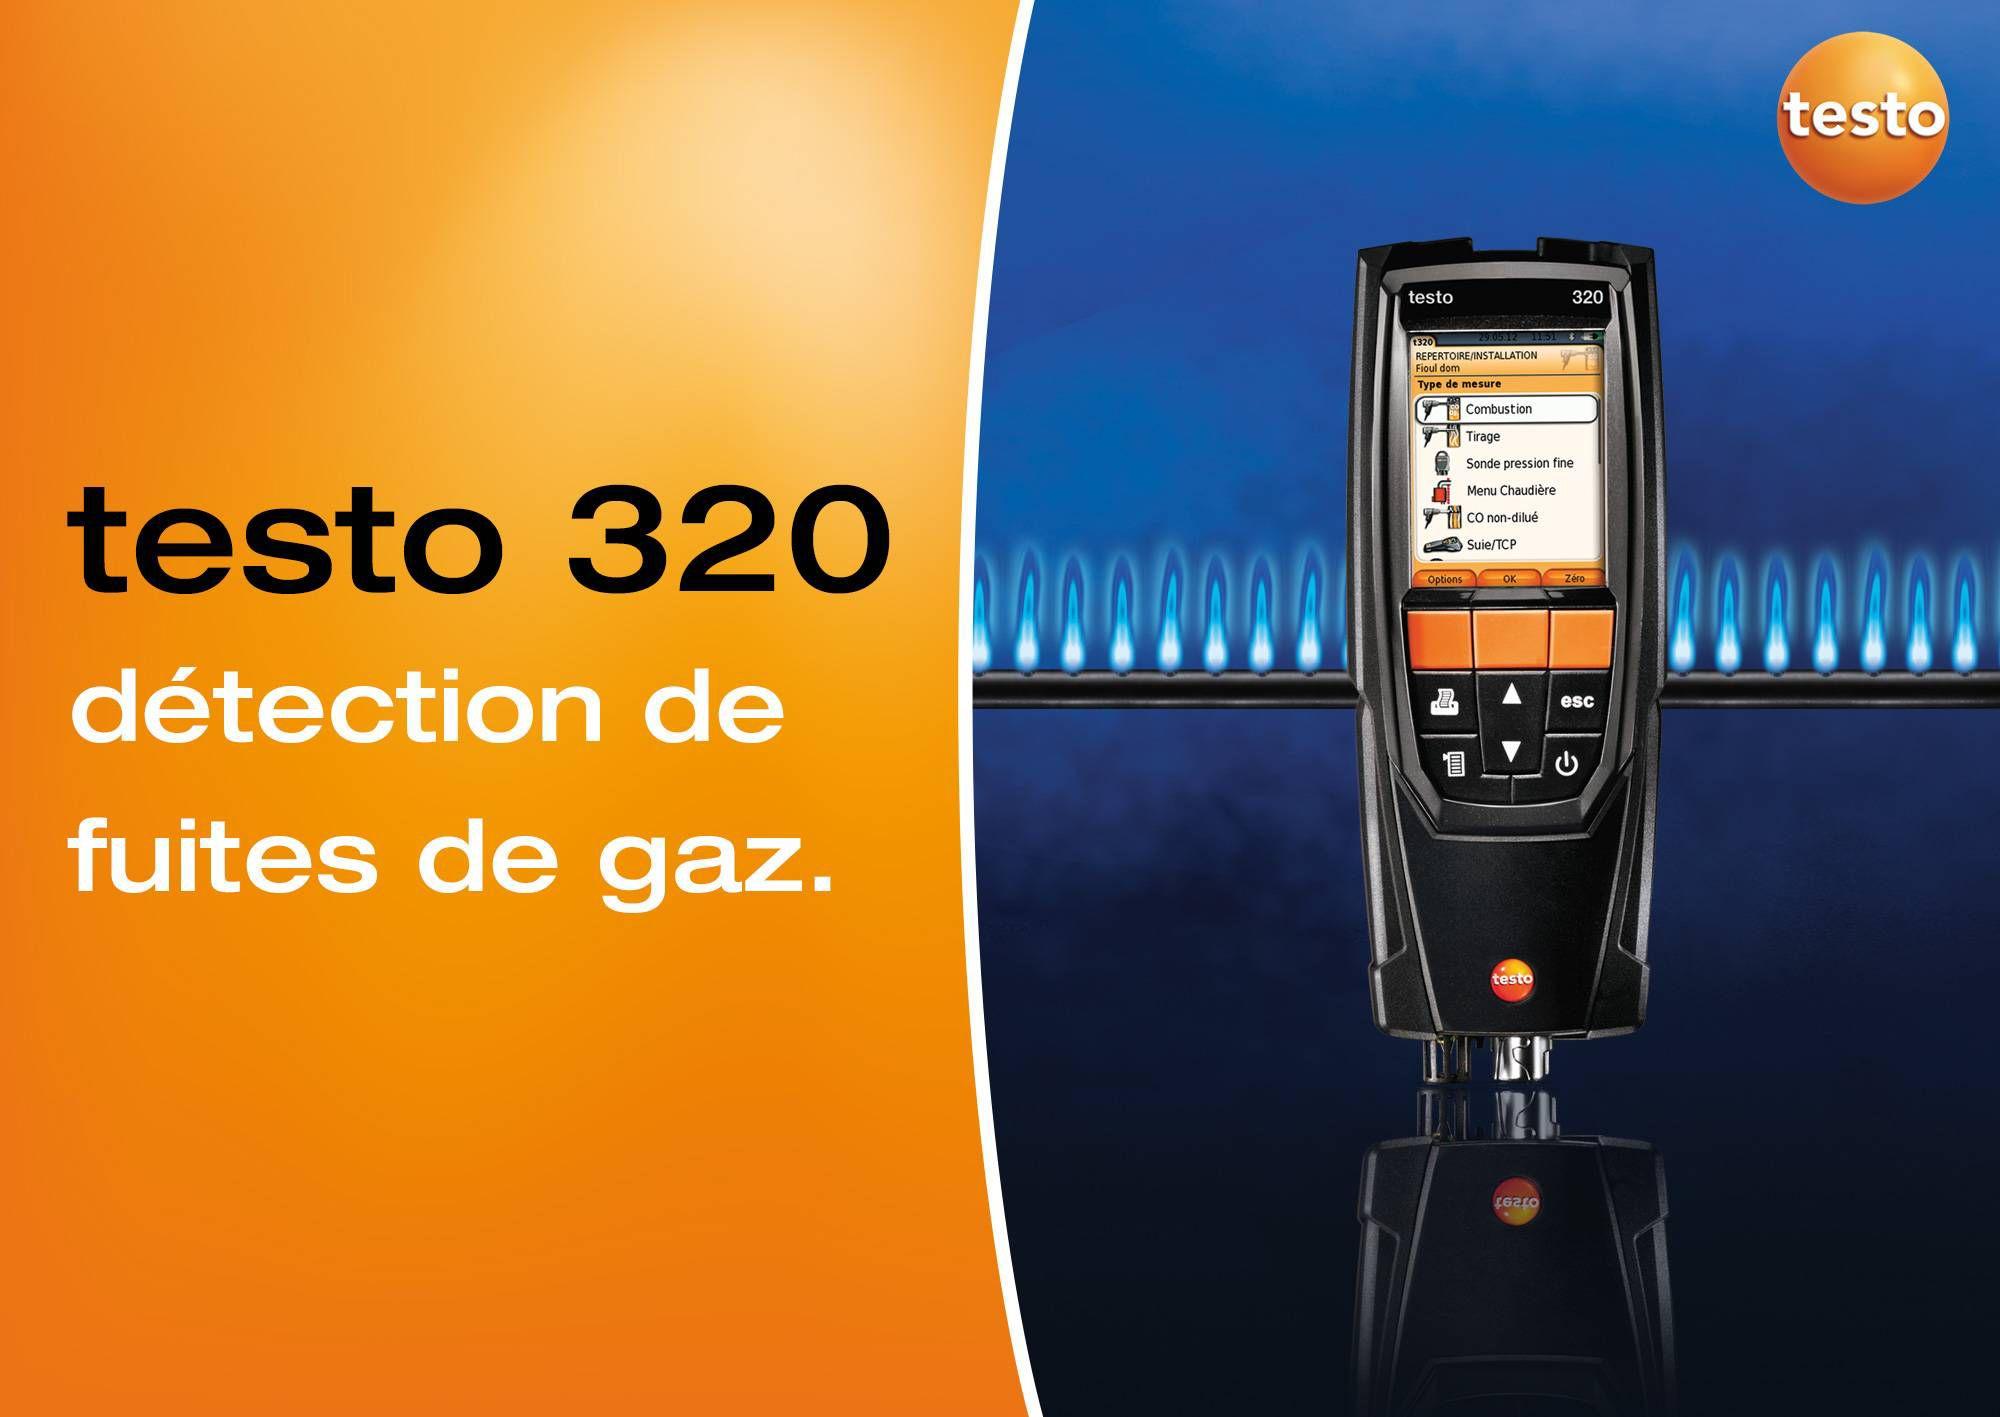 tutoriel vidéo détection fuite de gaz testo 320